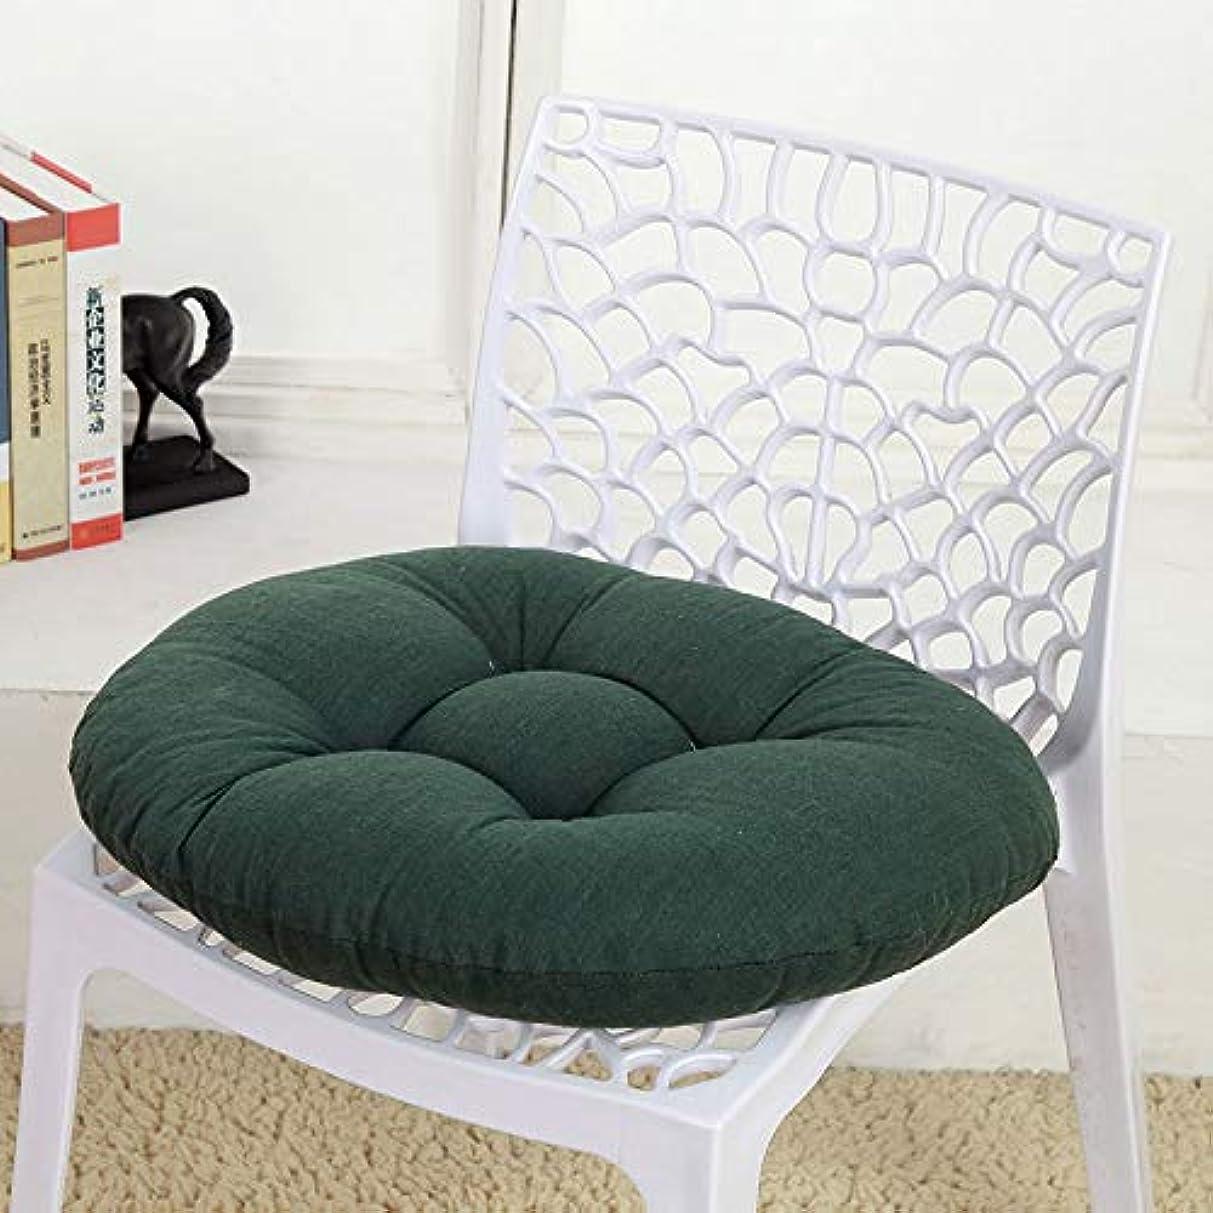 信じる厳銅LIFE キャンディカラーのクッションラウンドシートクッション波ウィンドウシートクッションクッション家の装飾パッドラウンド枕シート枕椅子座る枕 クッション 椅子